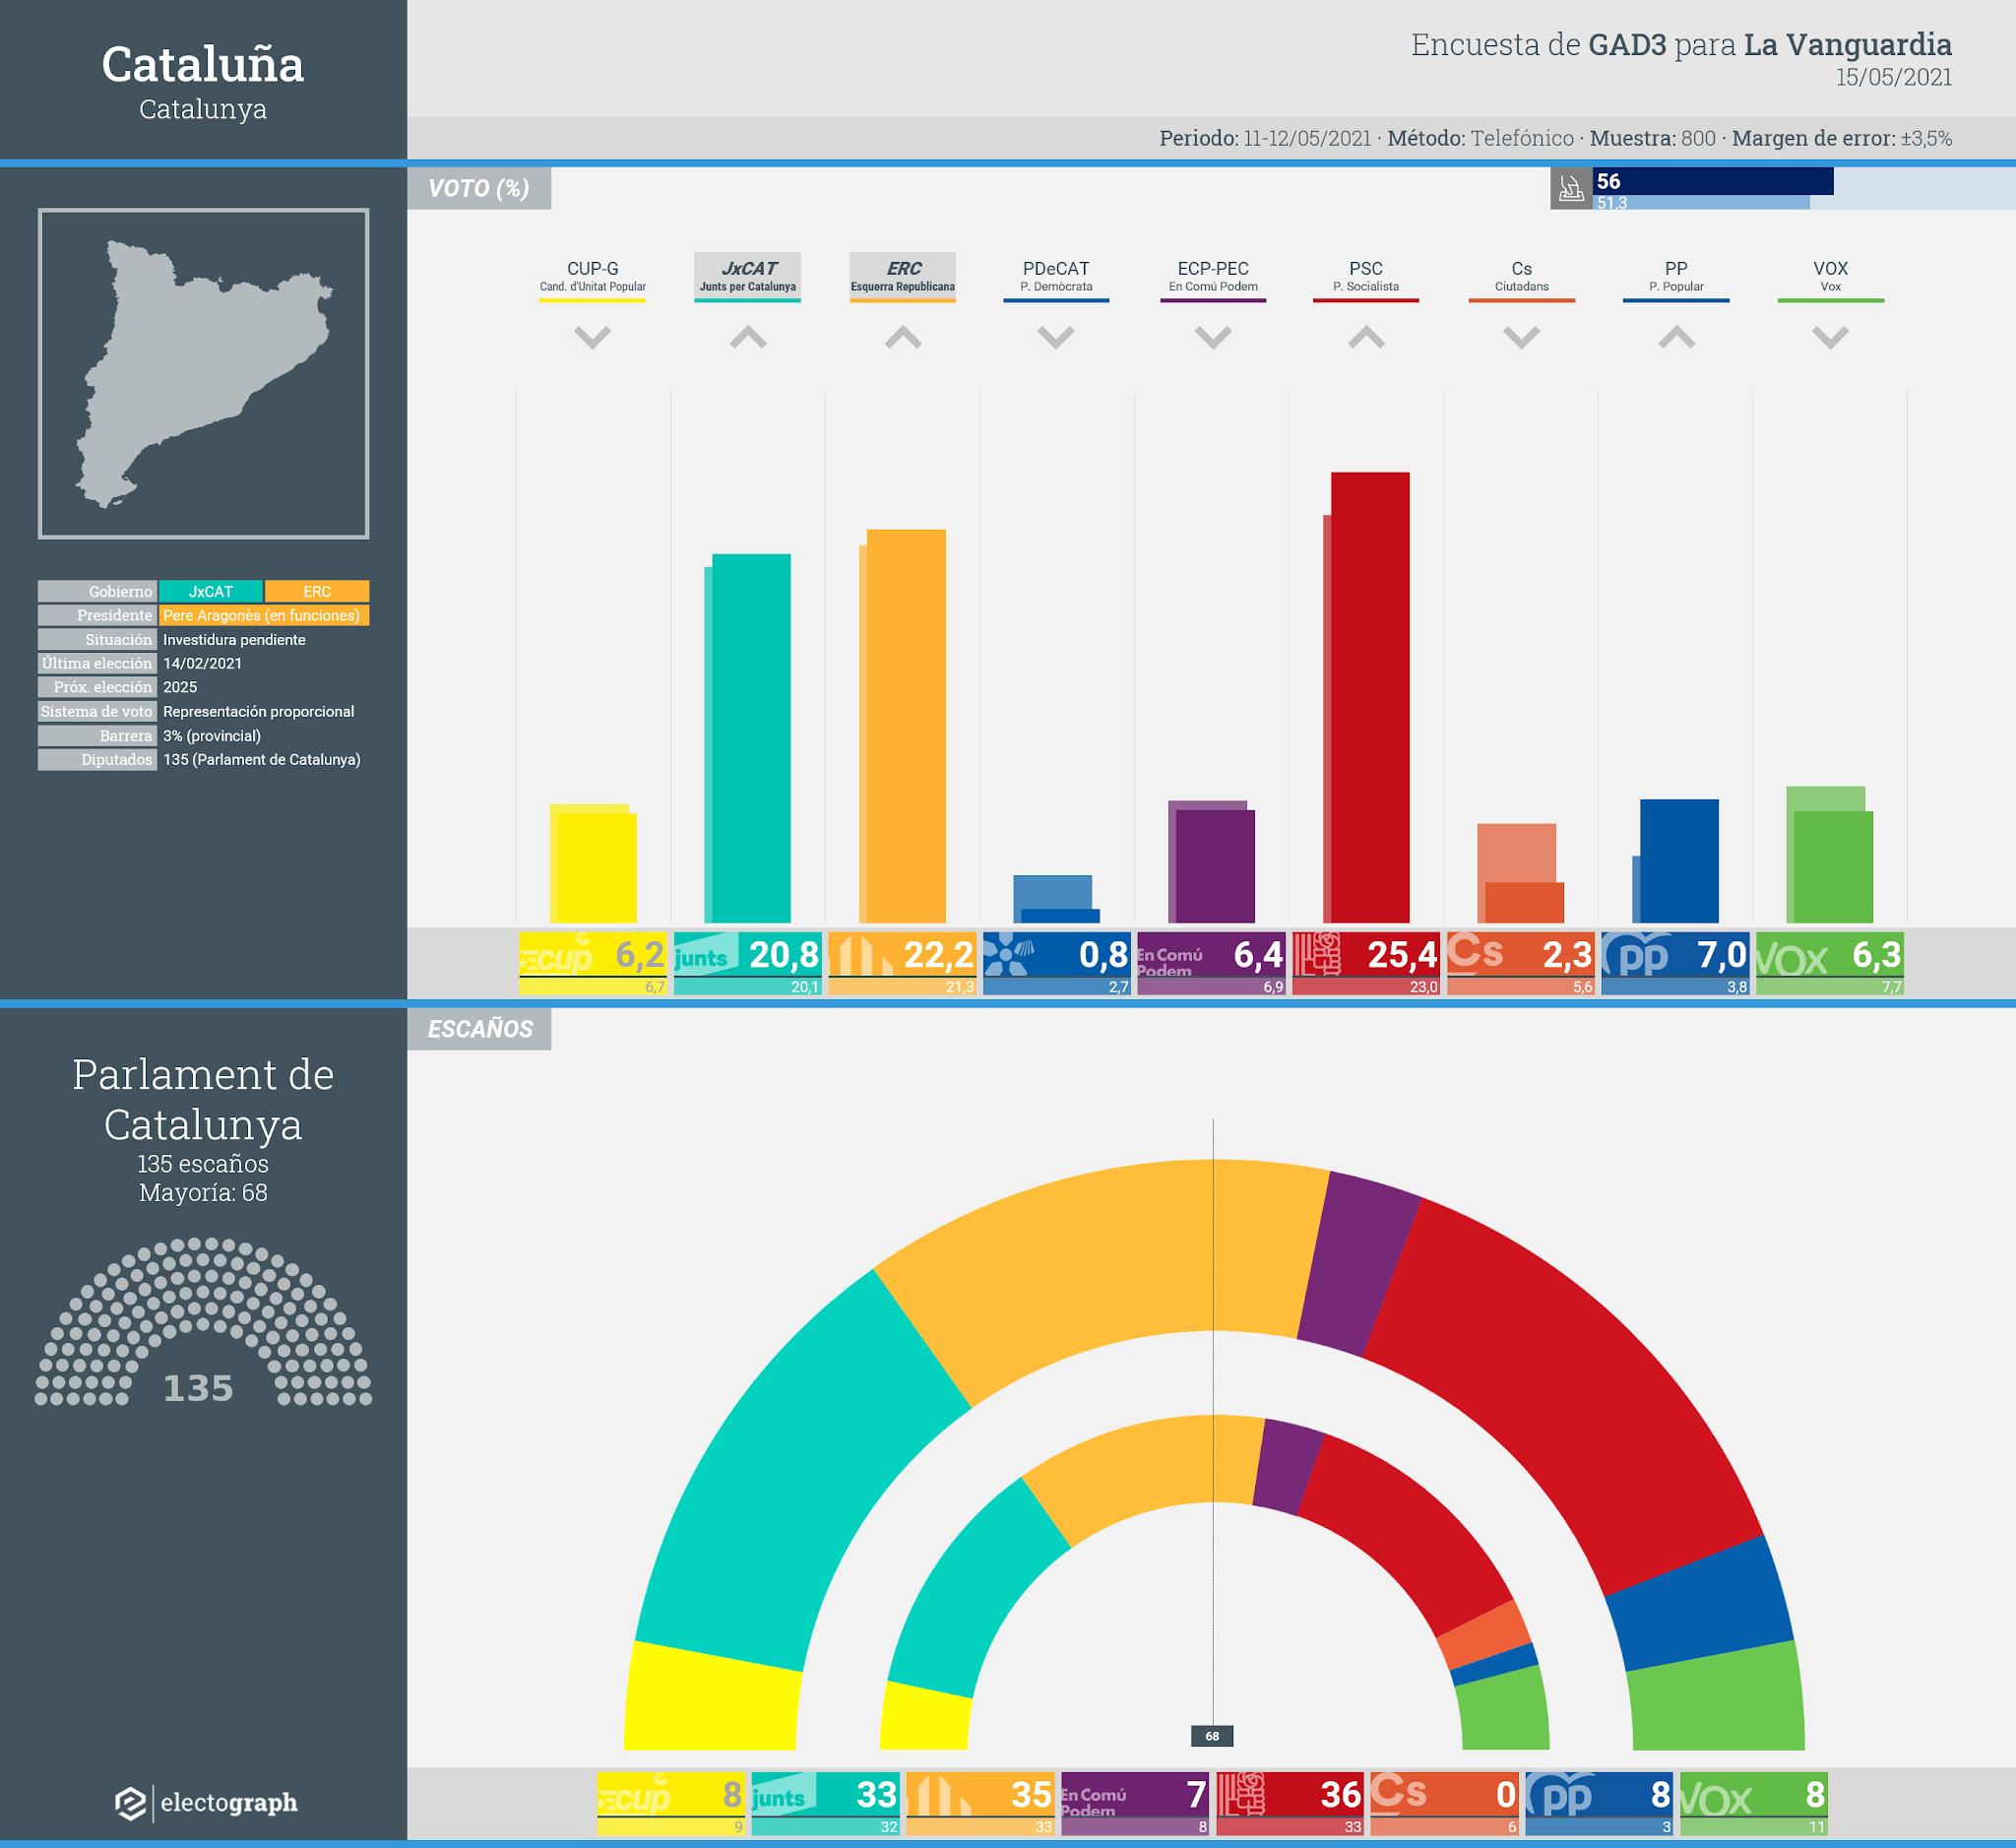 Gráfico de la encuesta para elecciones generales en Cataluña realizada por GAD3 para La Vanguardia, 15 de mayo de 2021